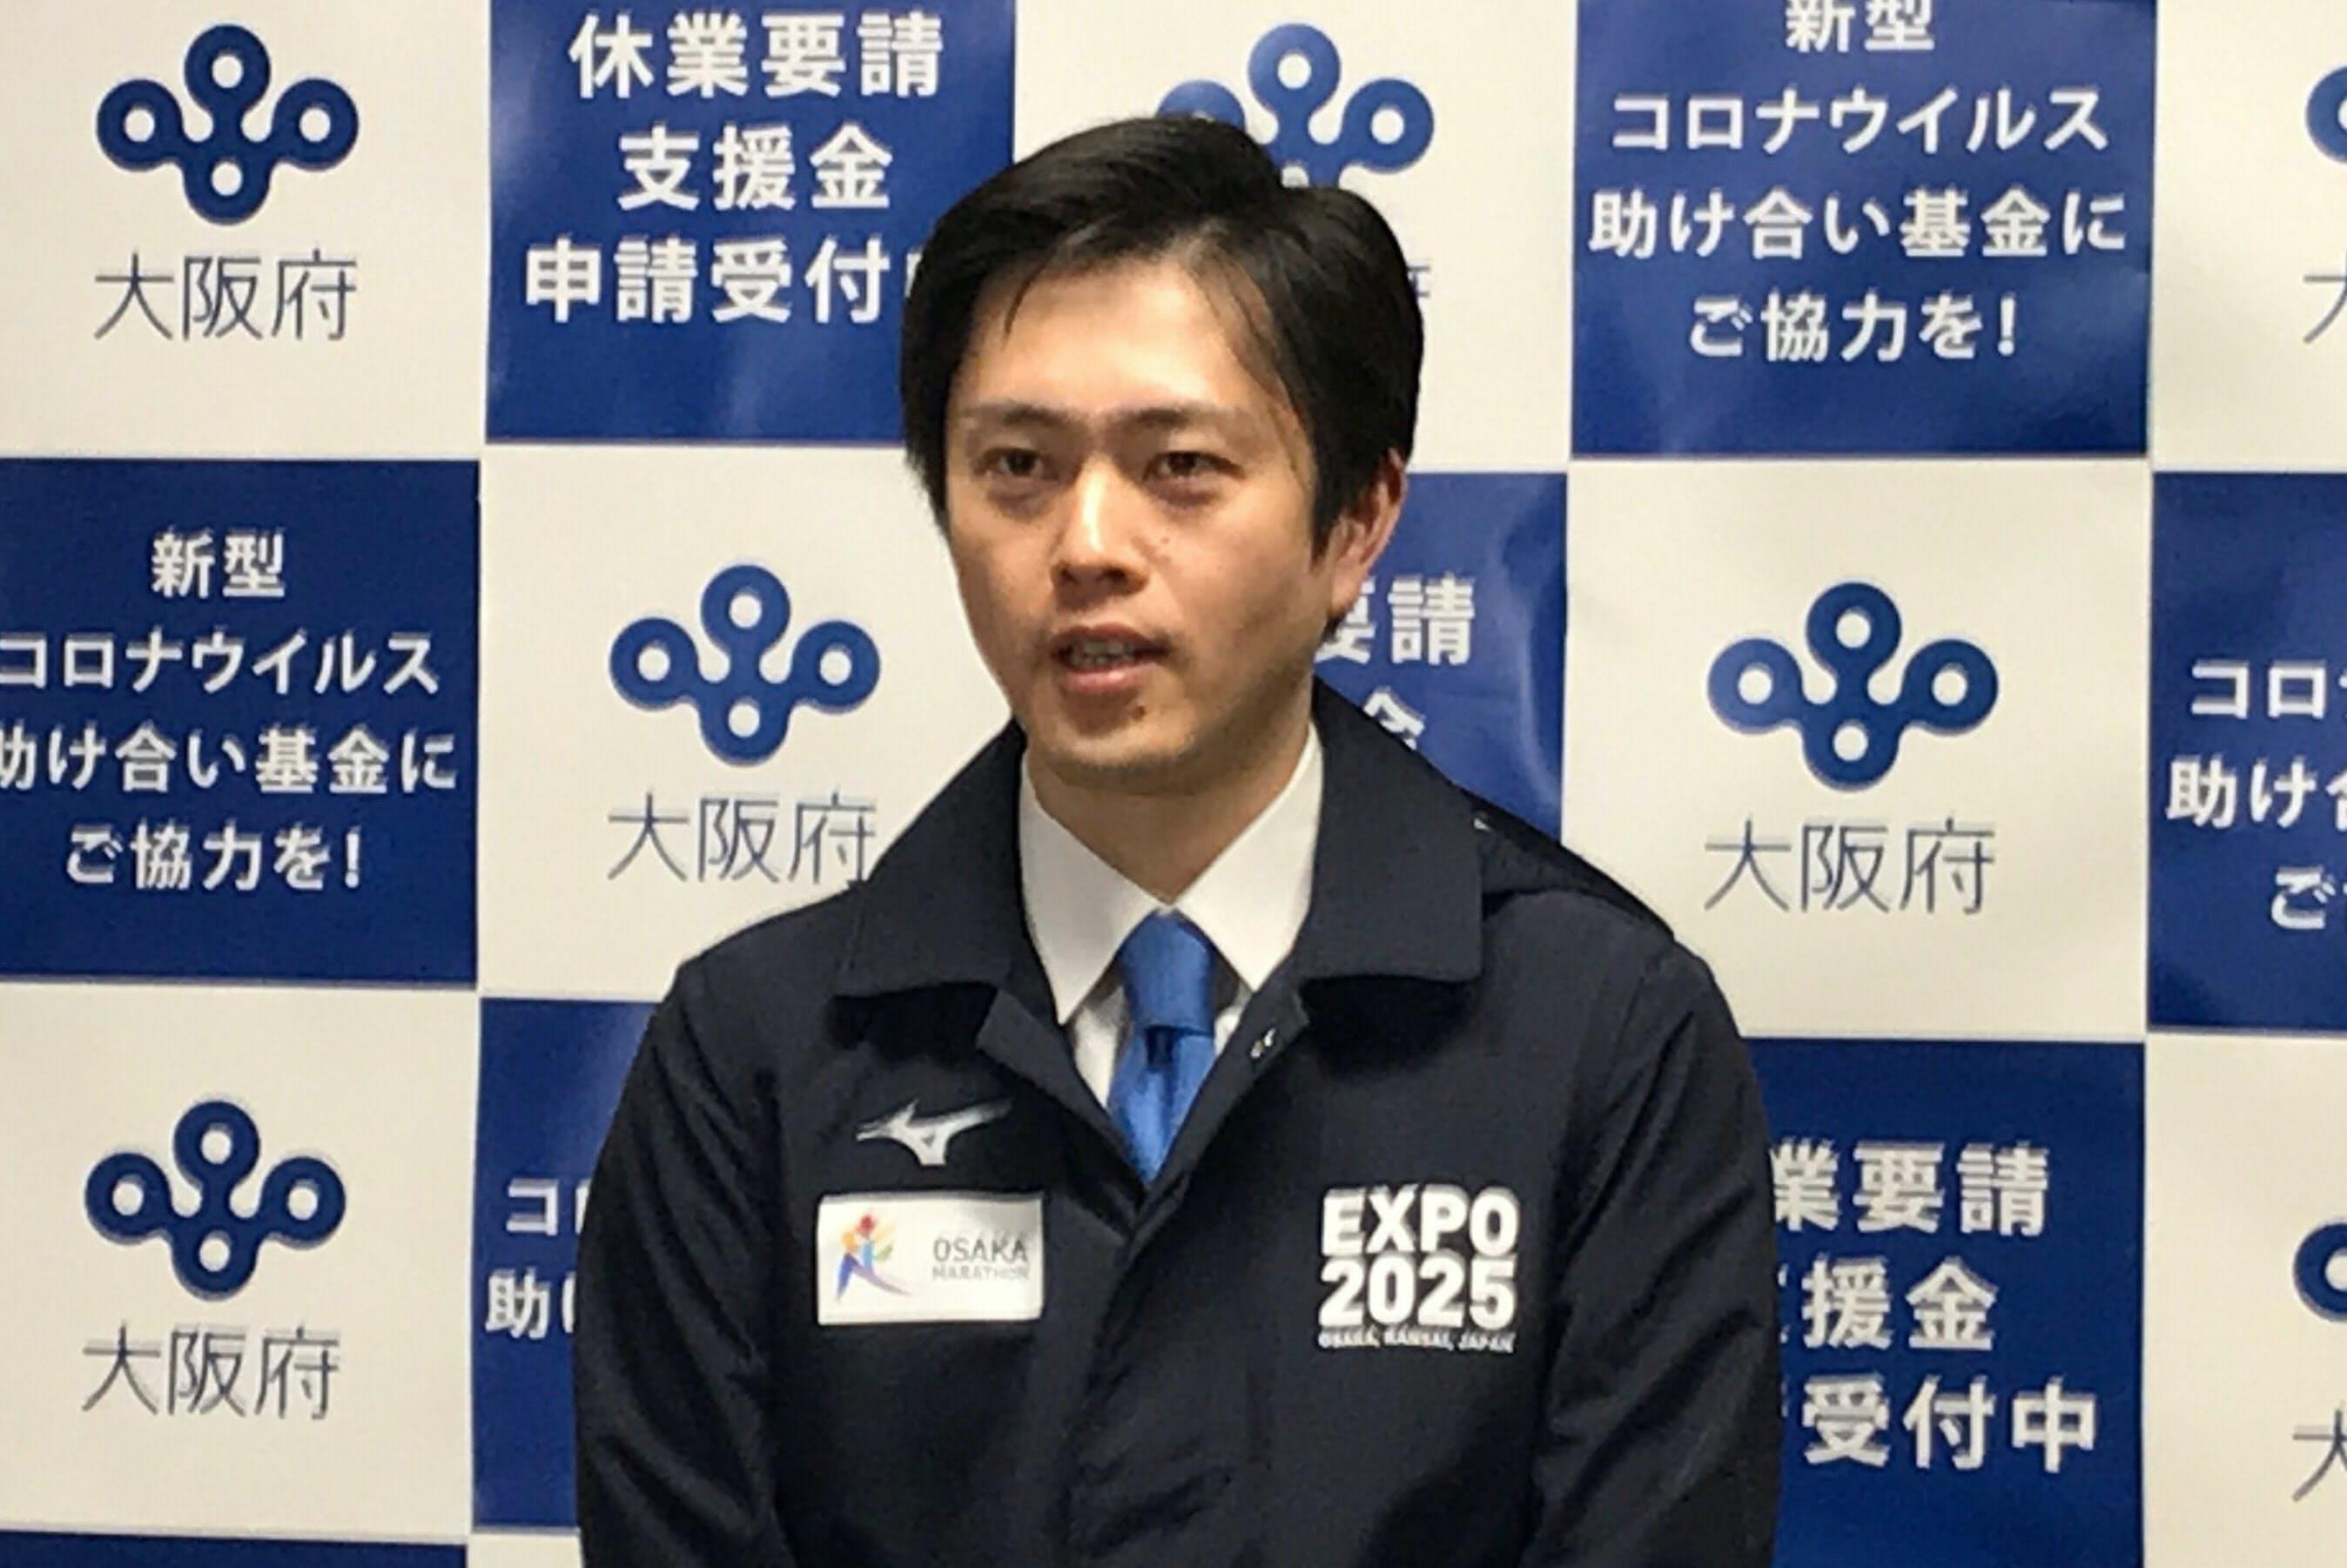 イケメン 吉村 知事